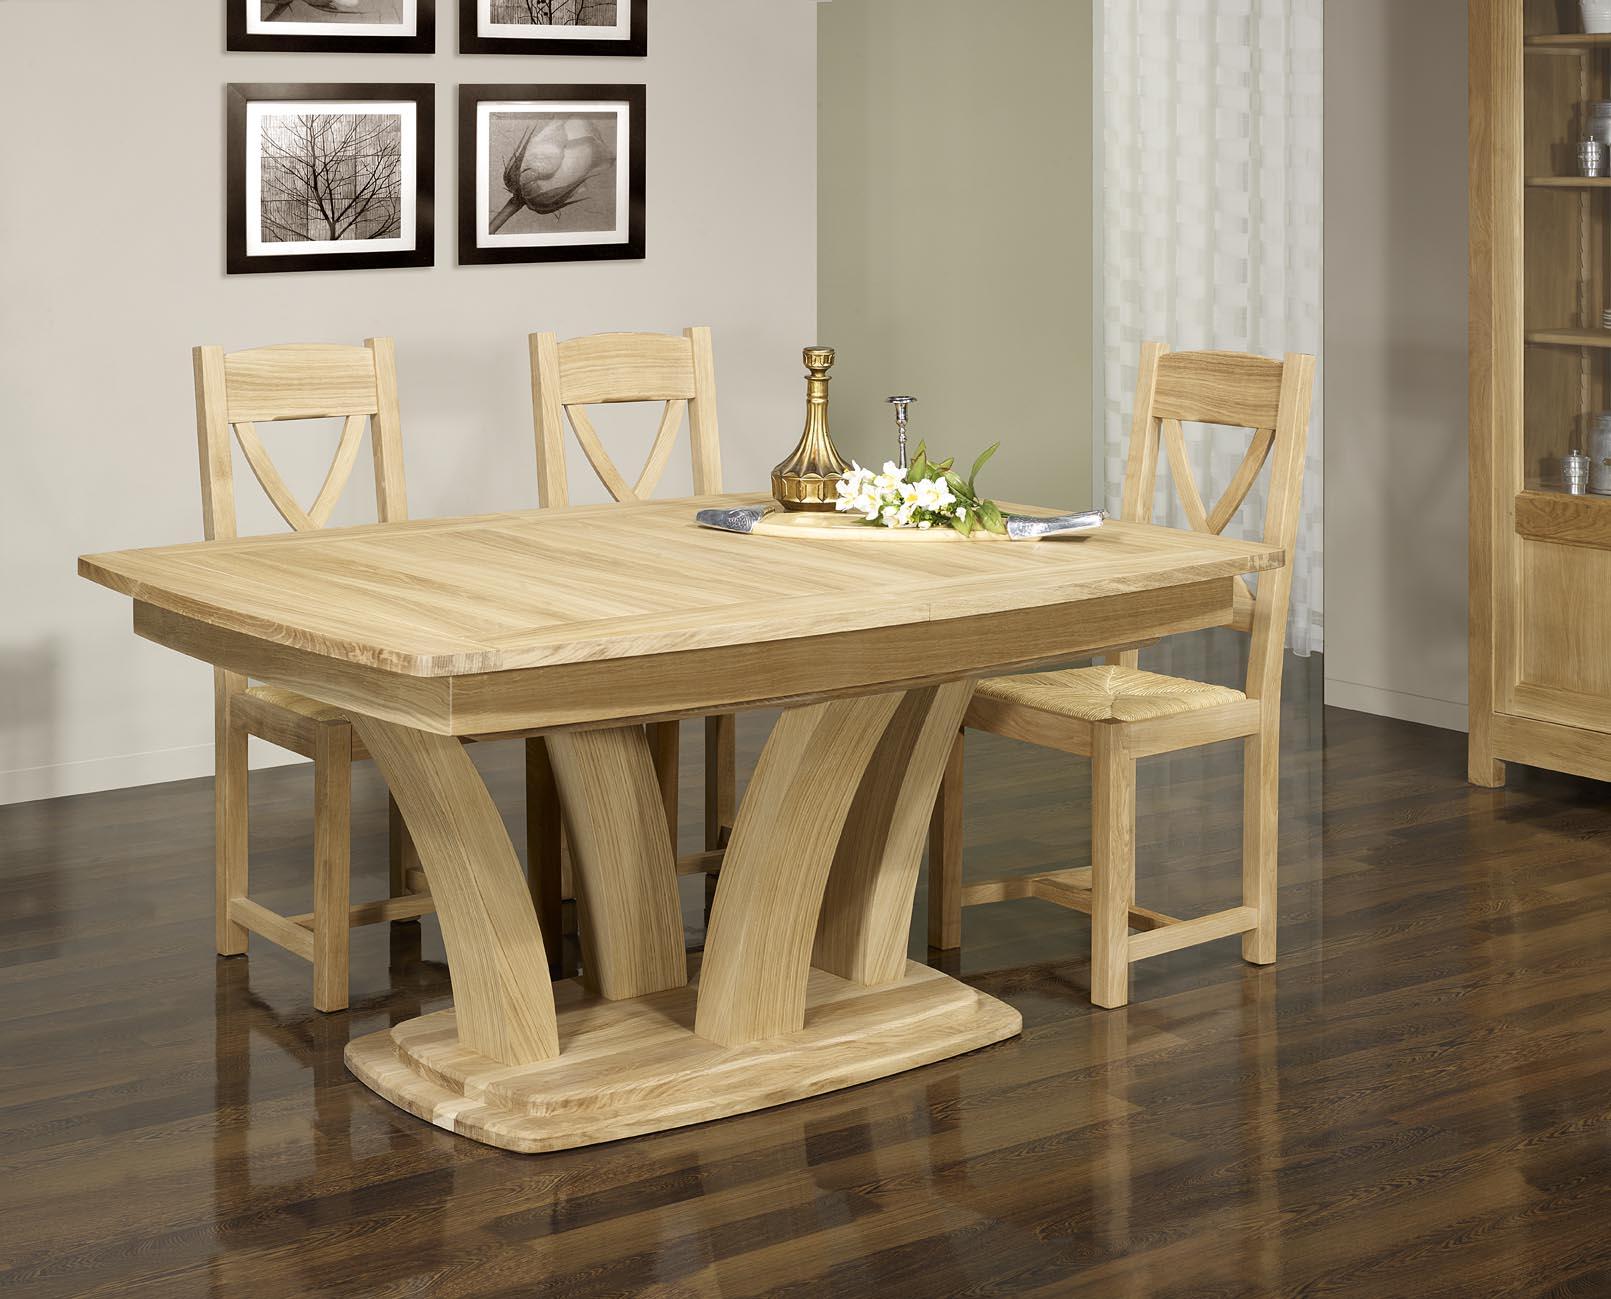 table de repas contemporaine en ch ne massif finition ch ne bross naturel meuble en ch ne massif. Black Bedroom Furniture Sets. Home Design Ideas